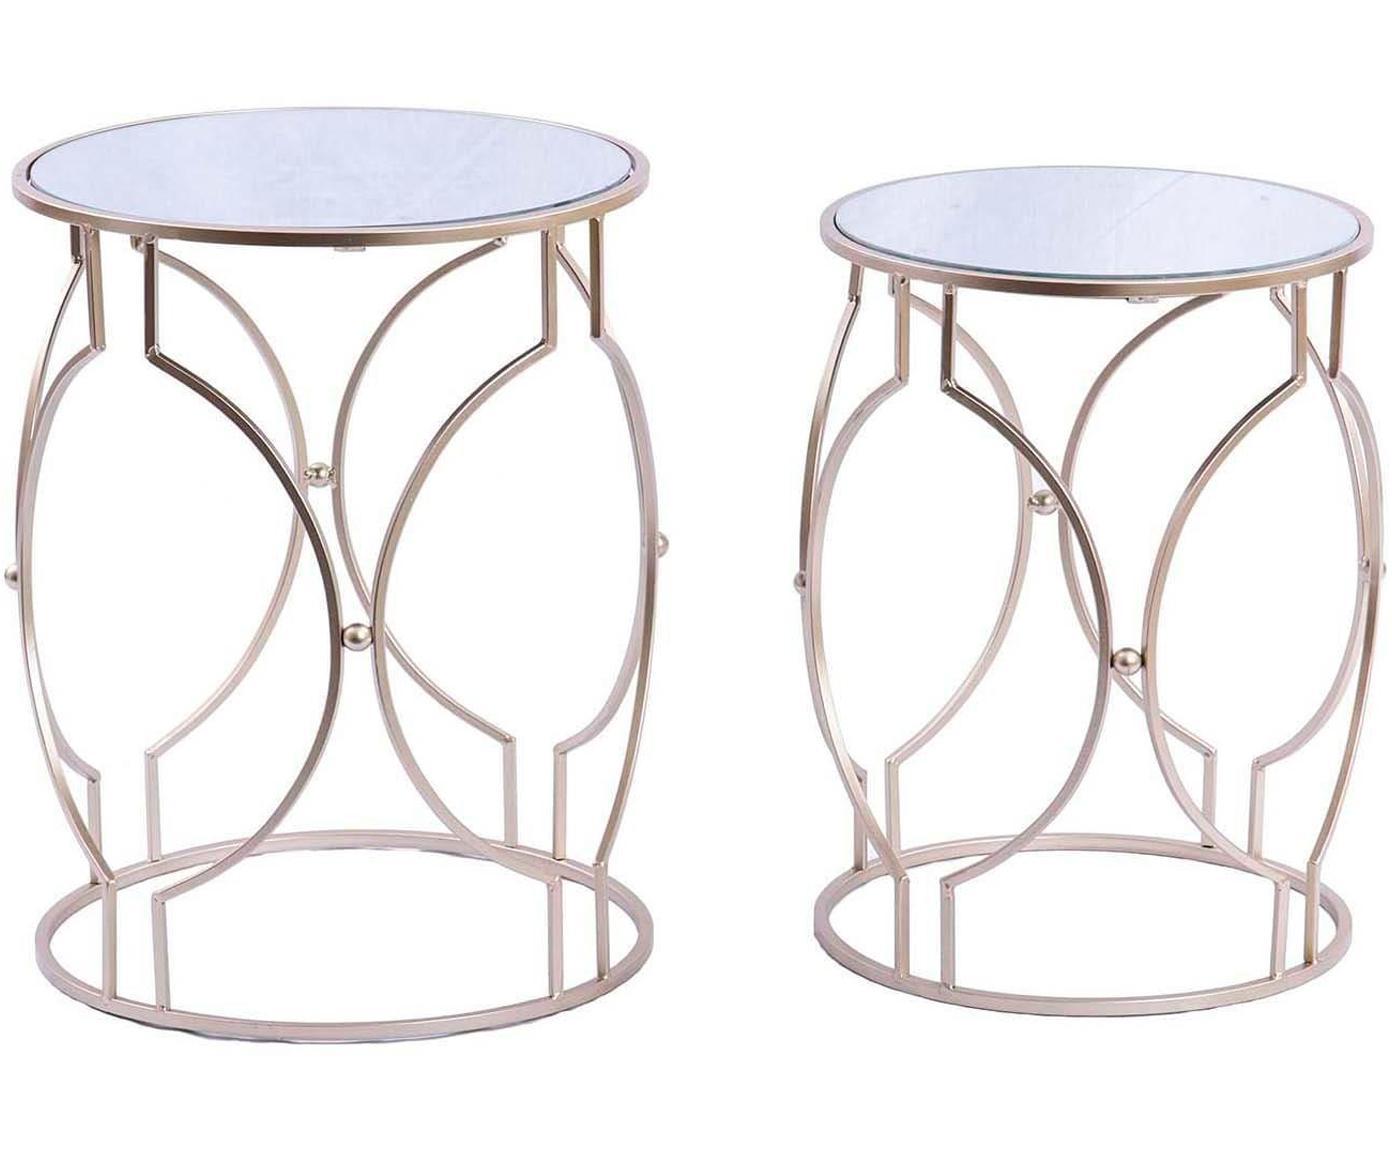 Set de mesas auxiliares Champ, 2pzas., Tablero: espejo de cristal, Dorado, Tamaños diferentes